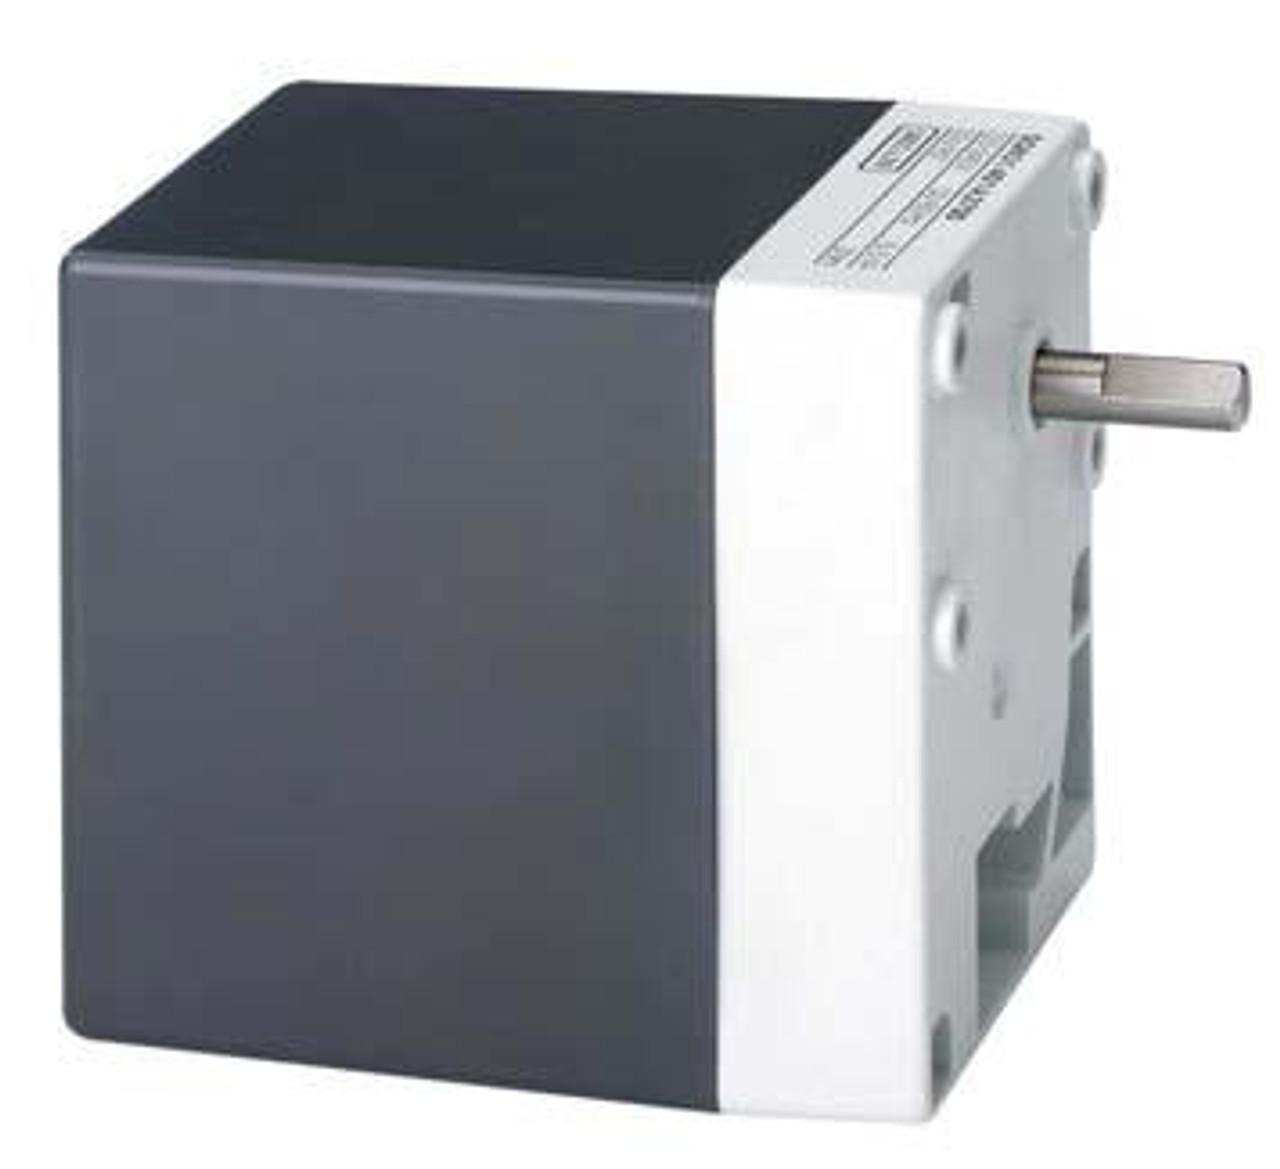 Siemens SQN31.151A2700